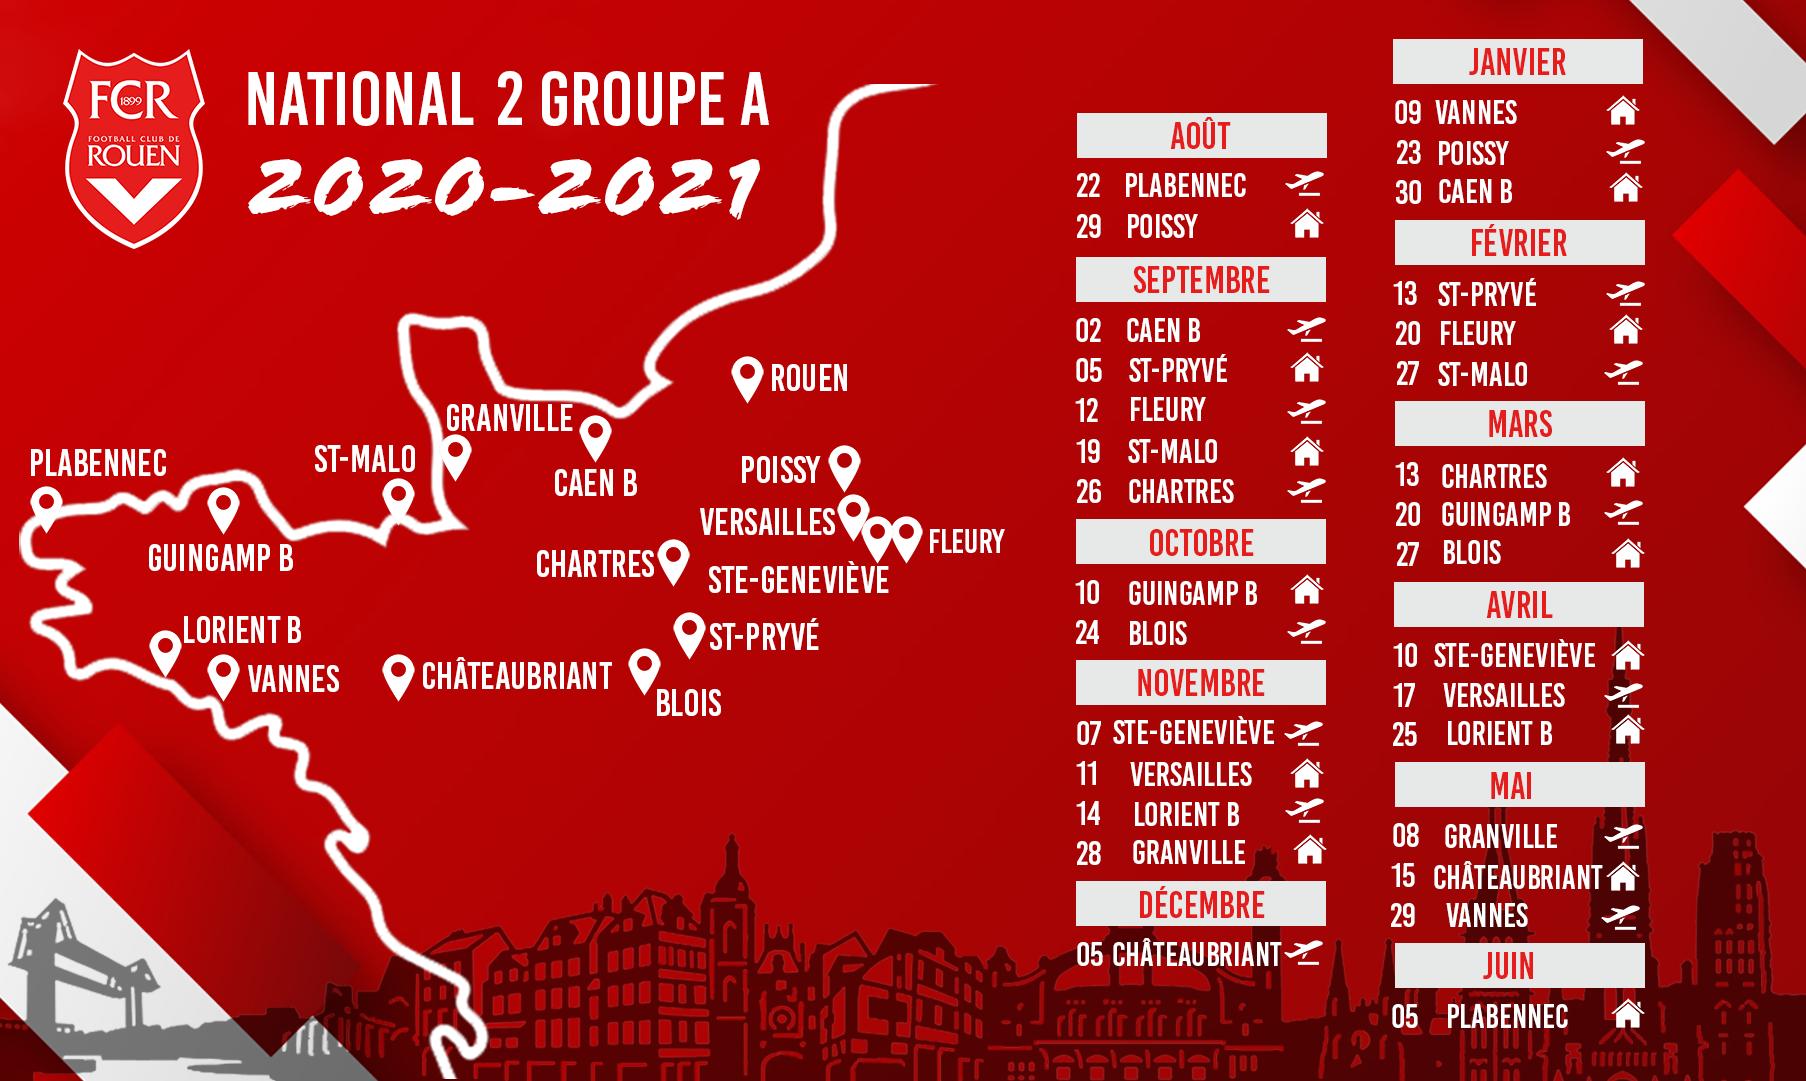 Le calendrier de National 2 dévoilé ! – FC Rouen 1899